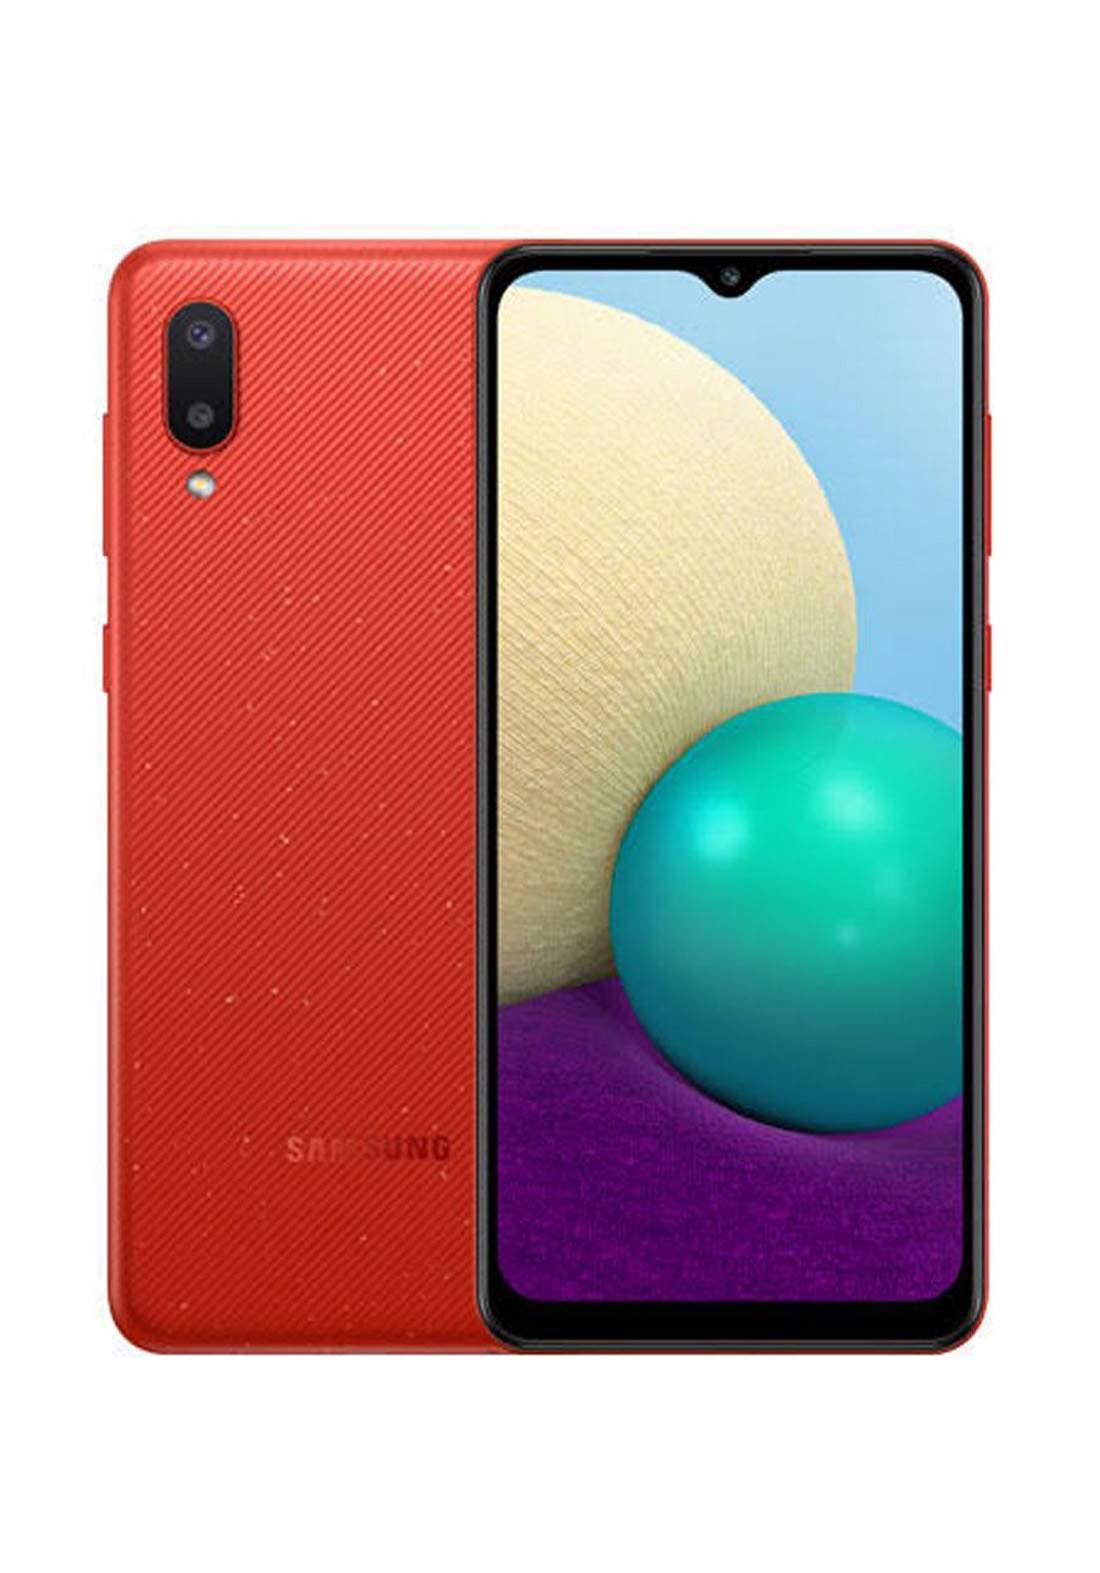 Samsung Galaxy A02 Dual SIM 3 GB Ram 64 GB-  Red